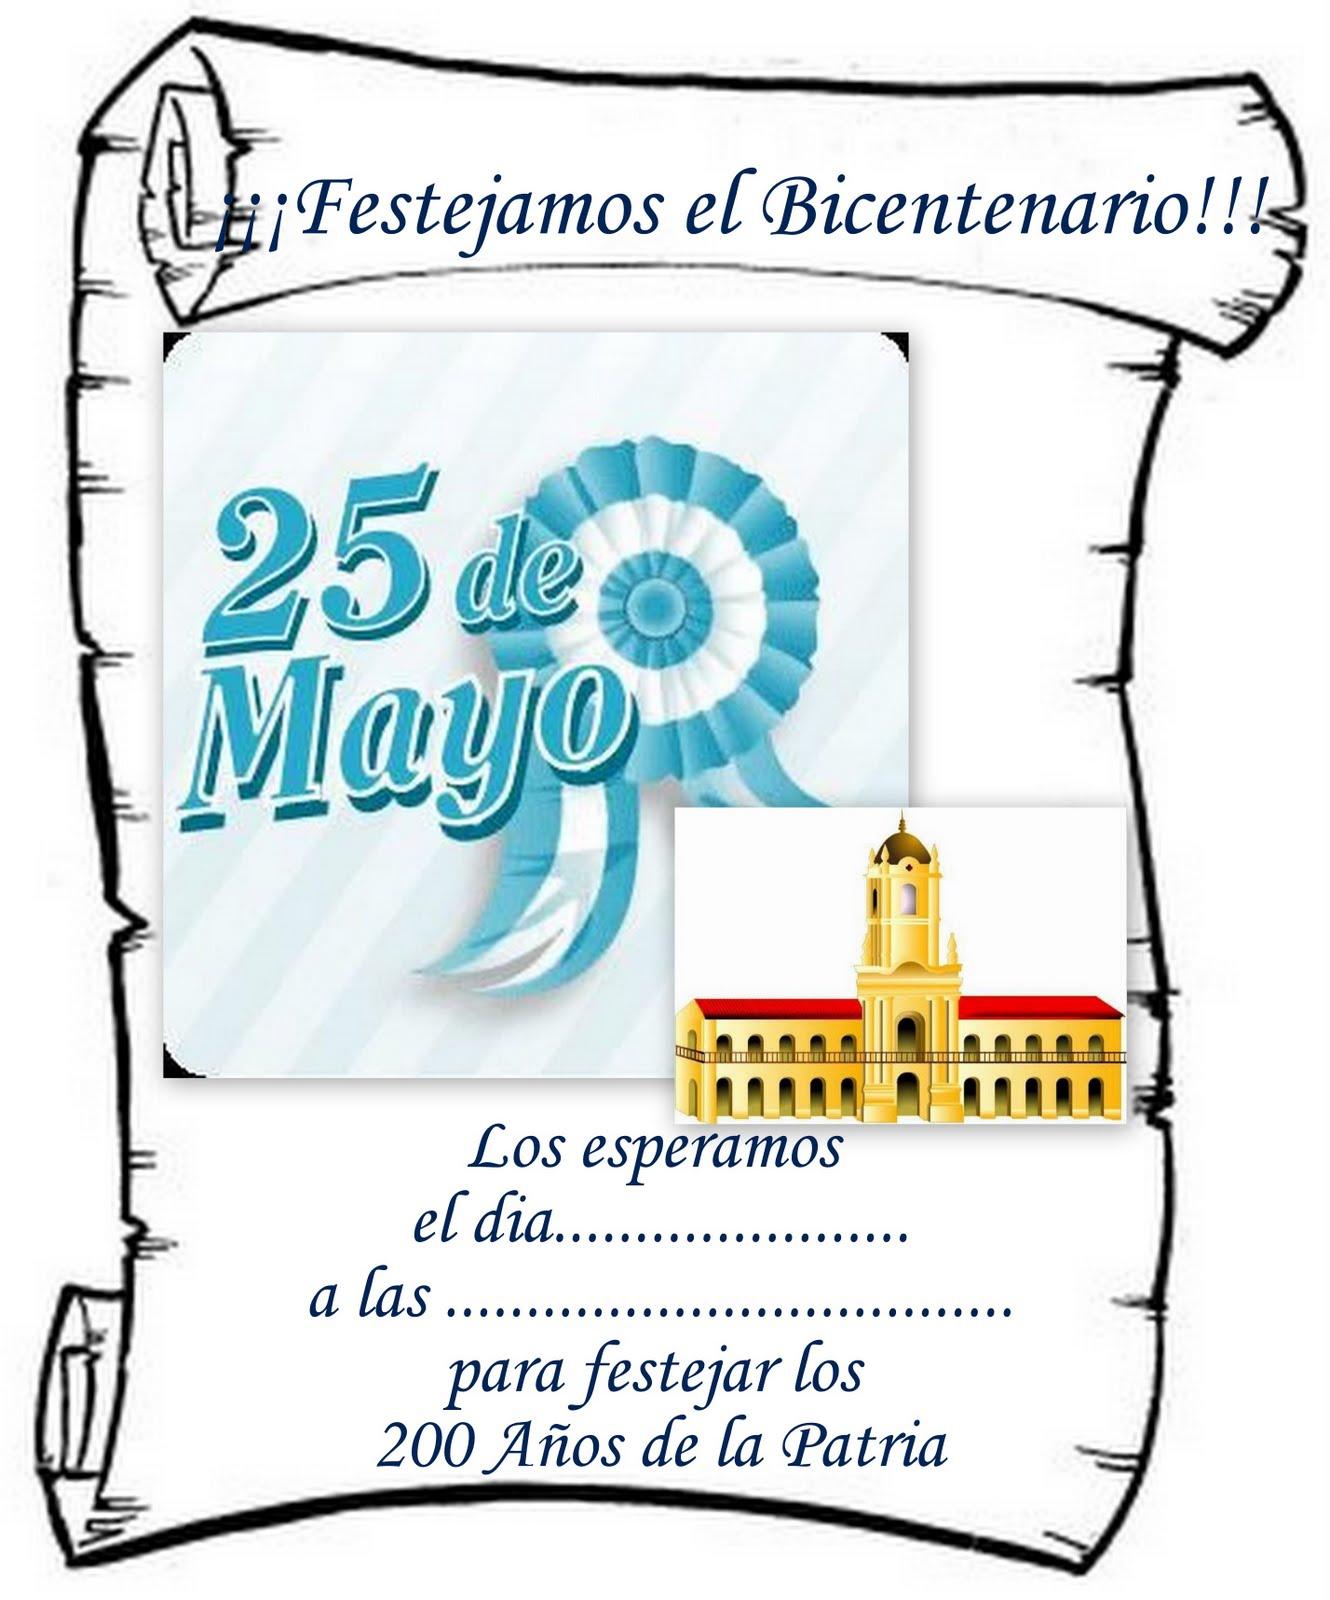 SECRETOS: Invitacion para el Bicentenario